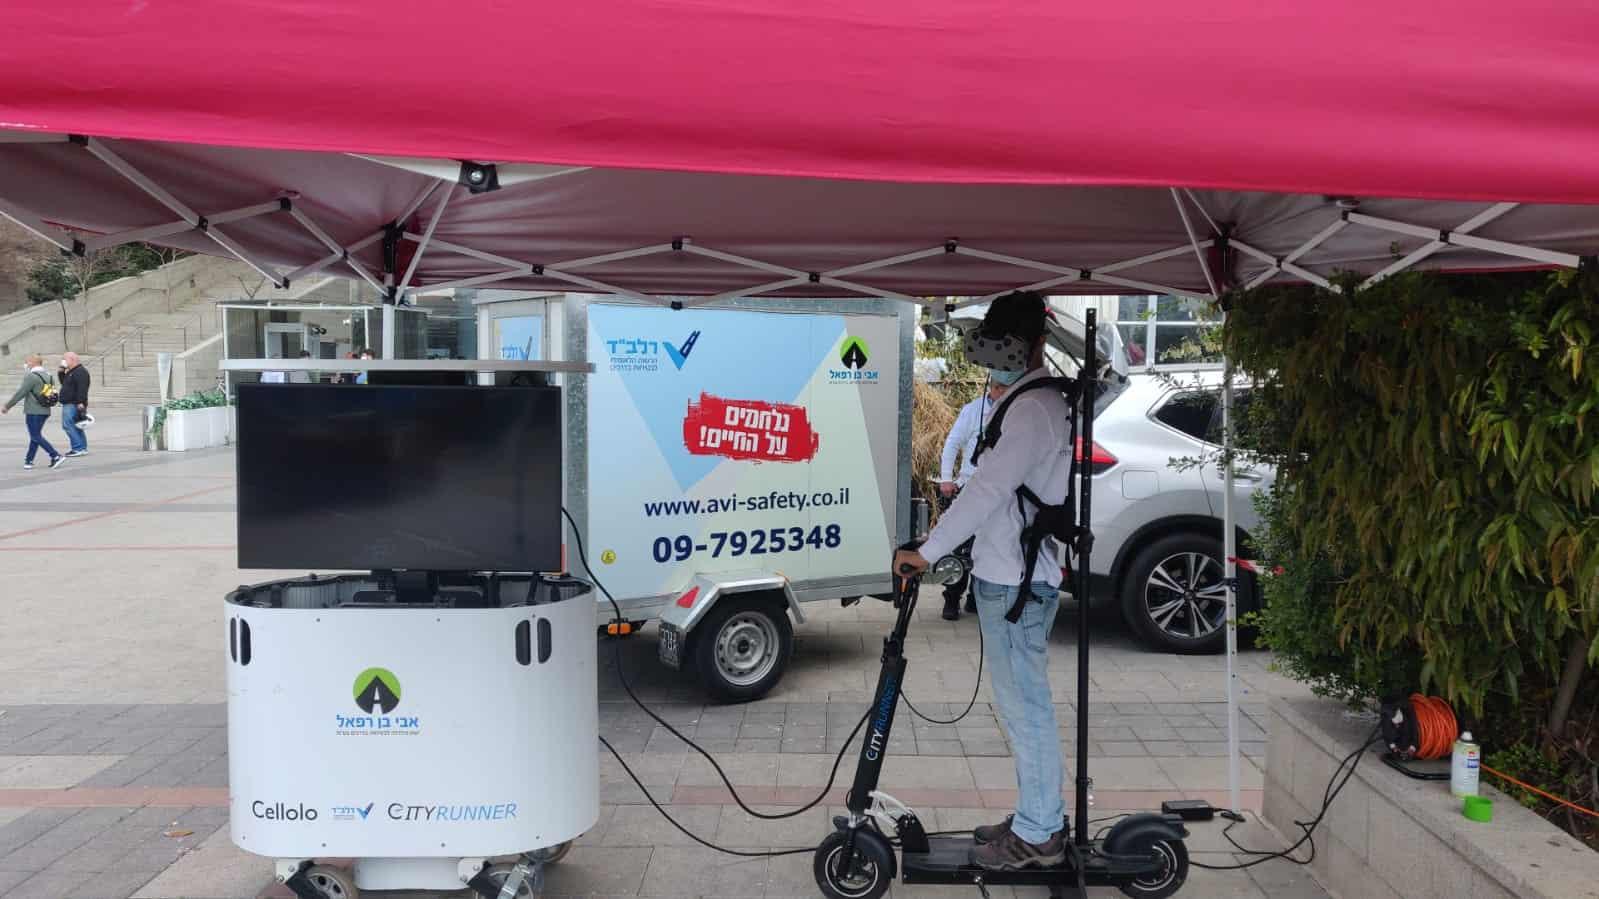 סימולטור ראשון מסוגו לקורקינטים חשמליים בגבעתיים (צילום דוברות העירייה)